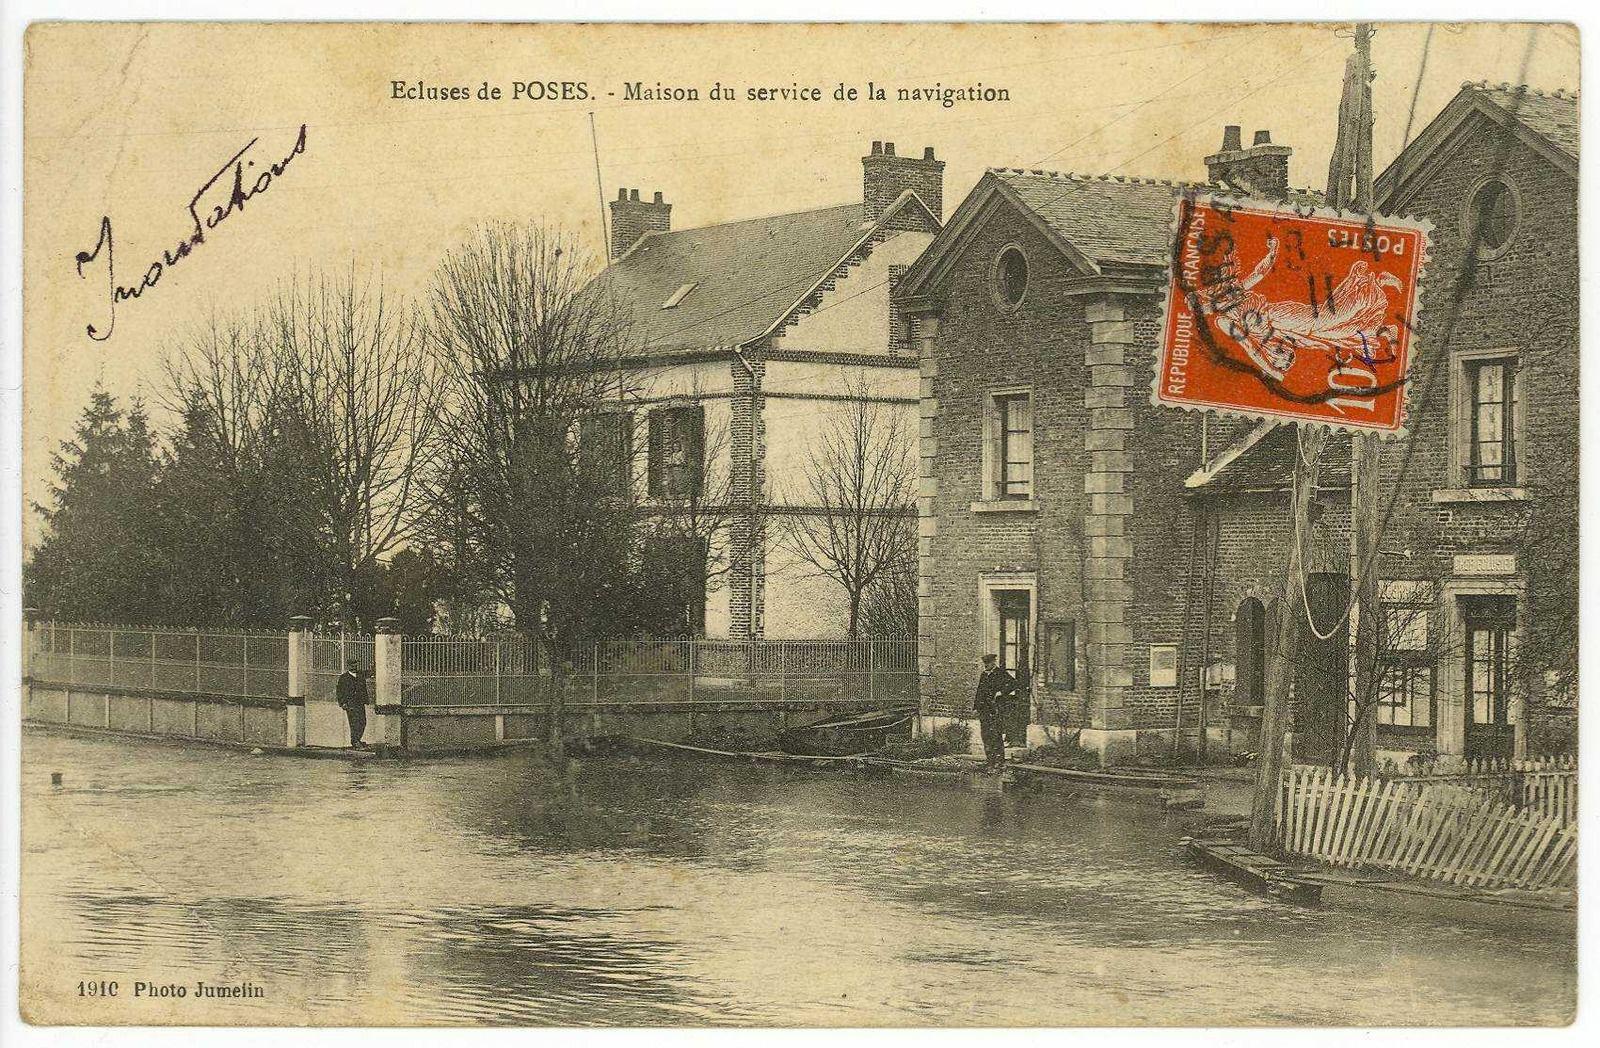 Cartes postales de Poses des fonds des Archives départementales de l'Eure.